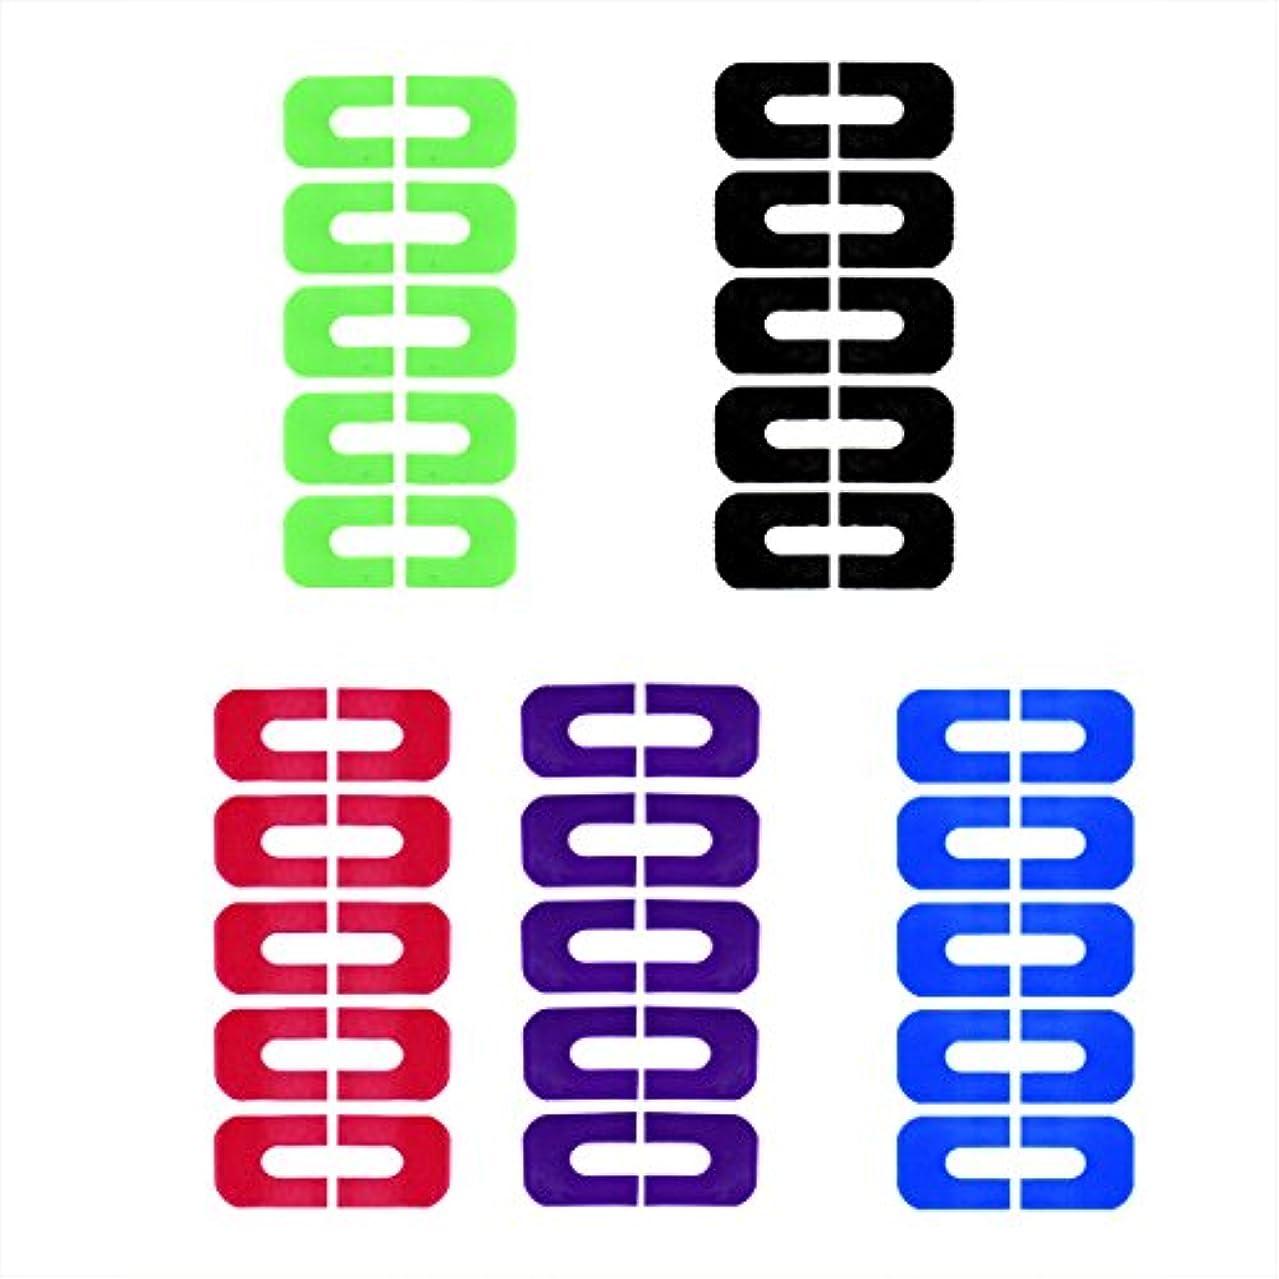 意識的強打パーフェルビッドGoshang ネイルプロテクター ネイルクリップ ピールオフテープ 肌にやさしいシートタイプ 溢れを防止 5枚セット スタンピングプレートツール